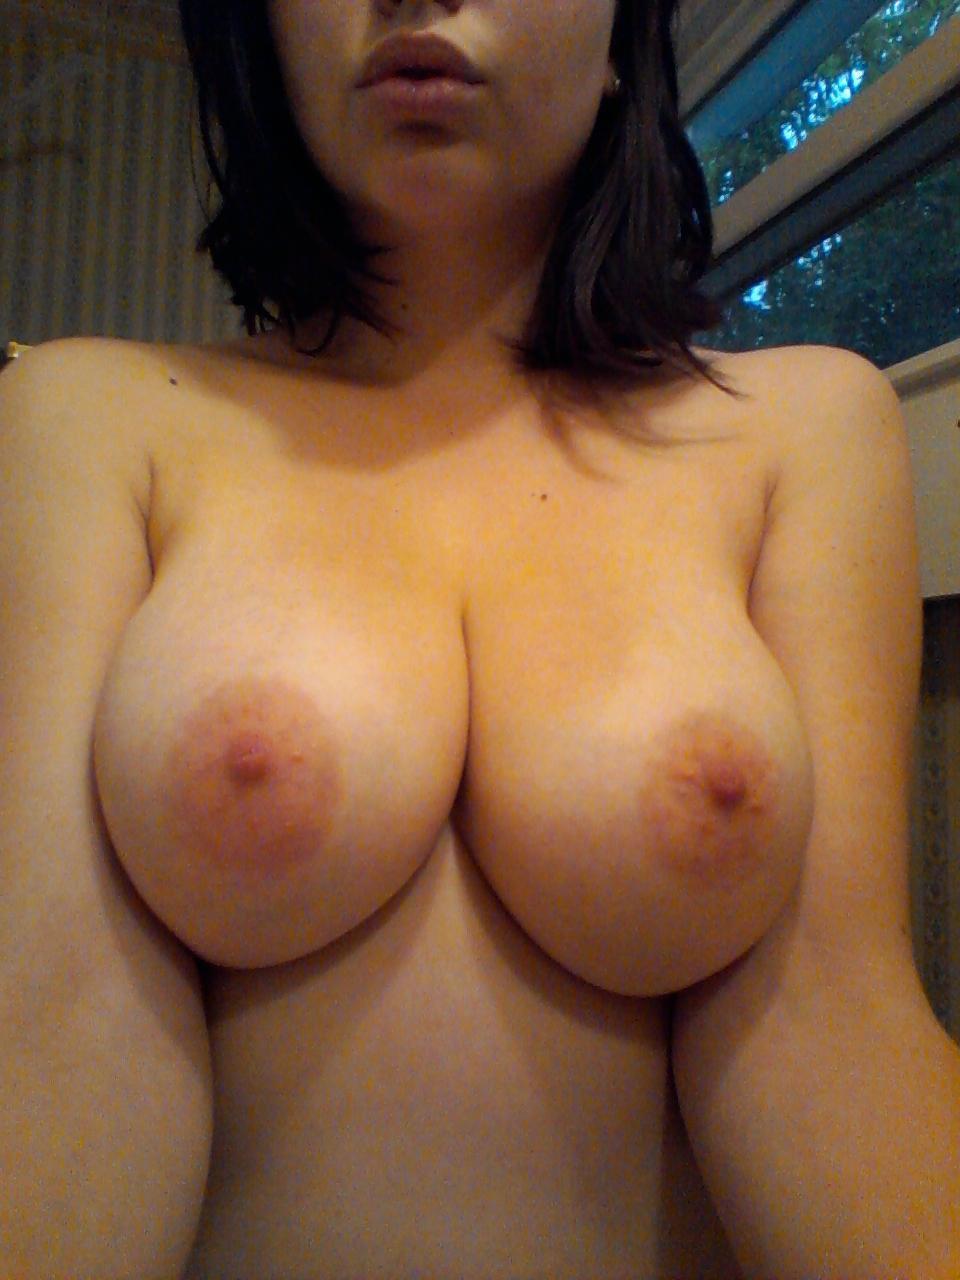 Частное фото большая голая грудь 15 фотография